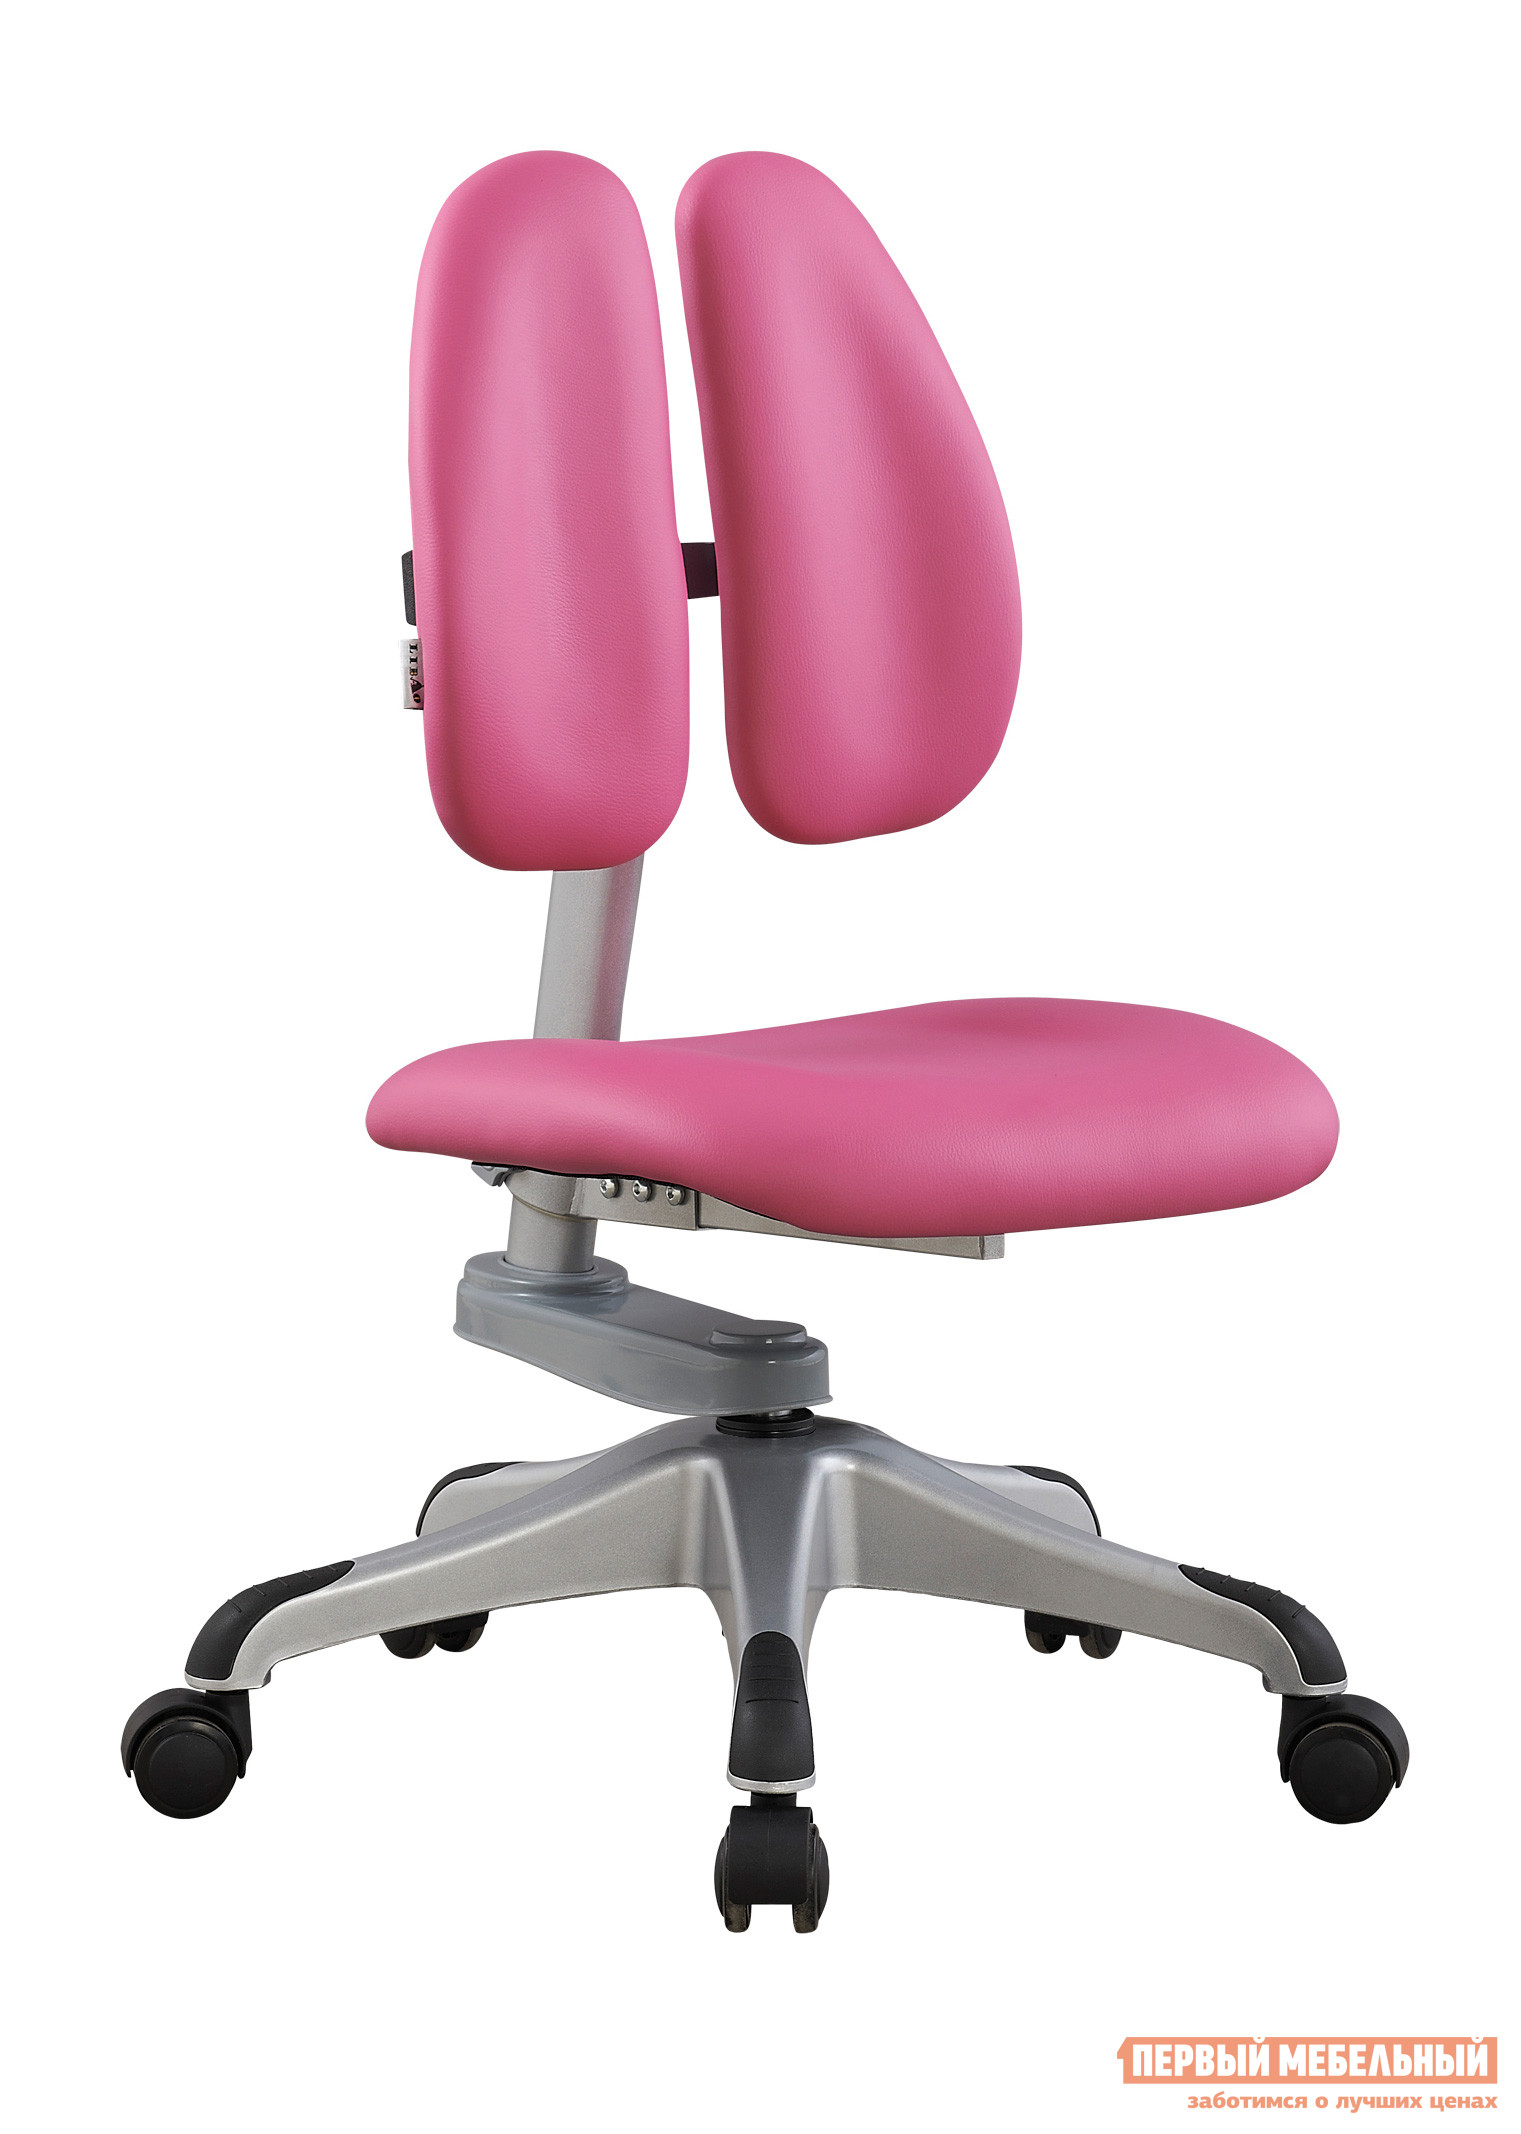 Детское компьютерное кресло Либао LB-C07